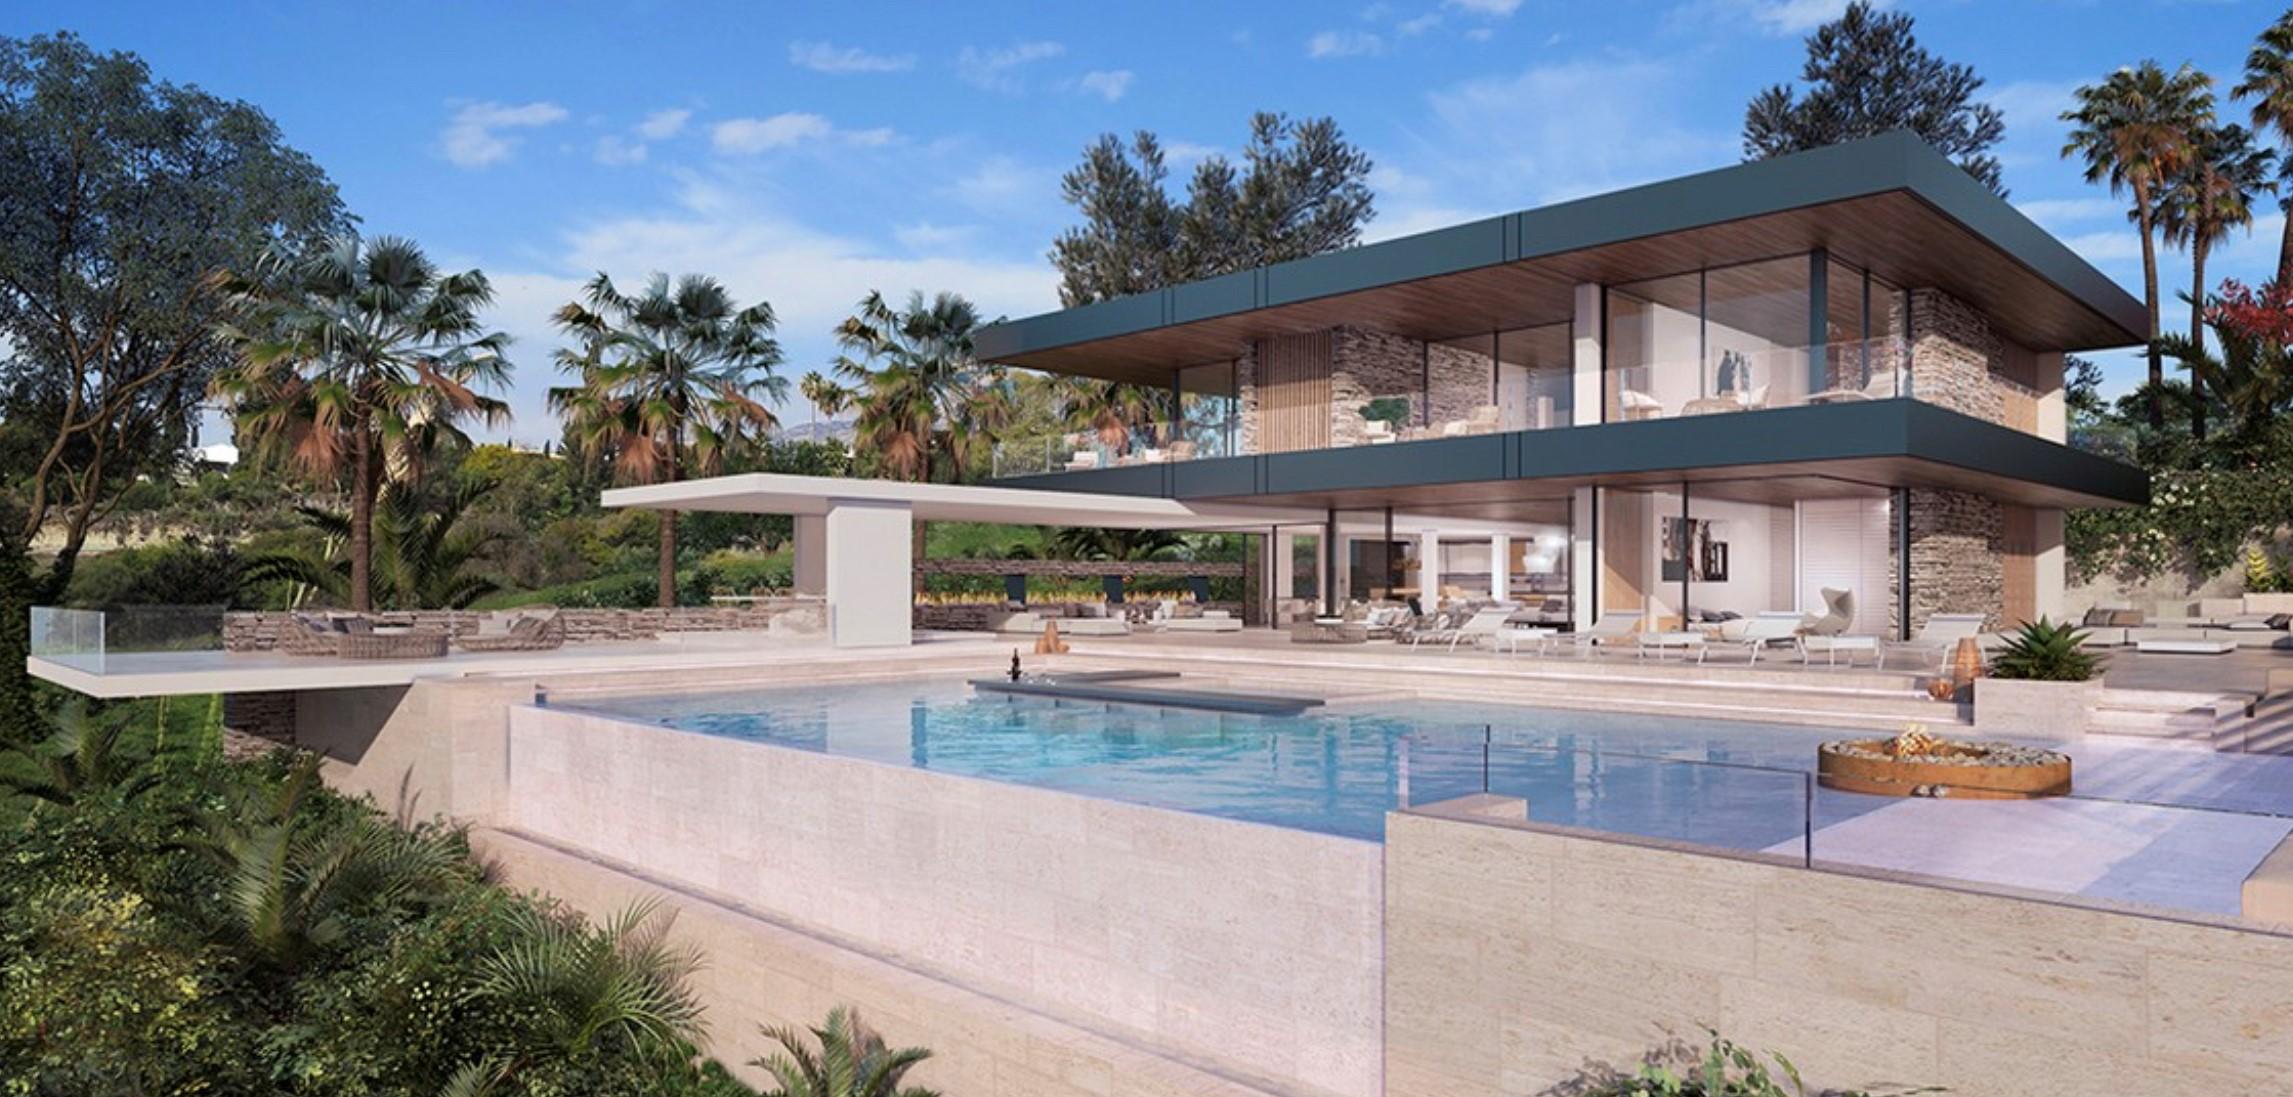 Benahavis villa €1.695.000